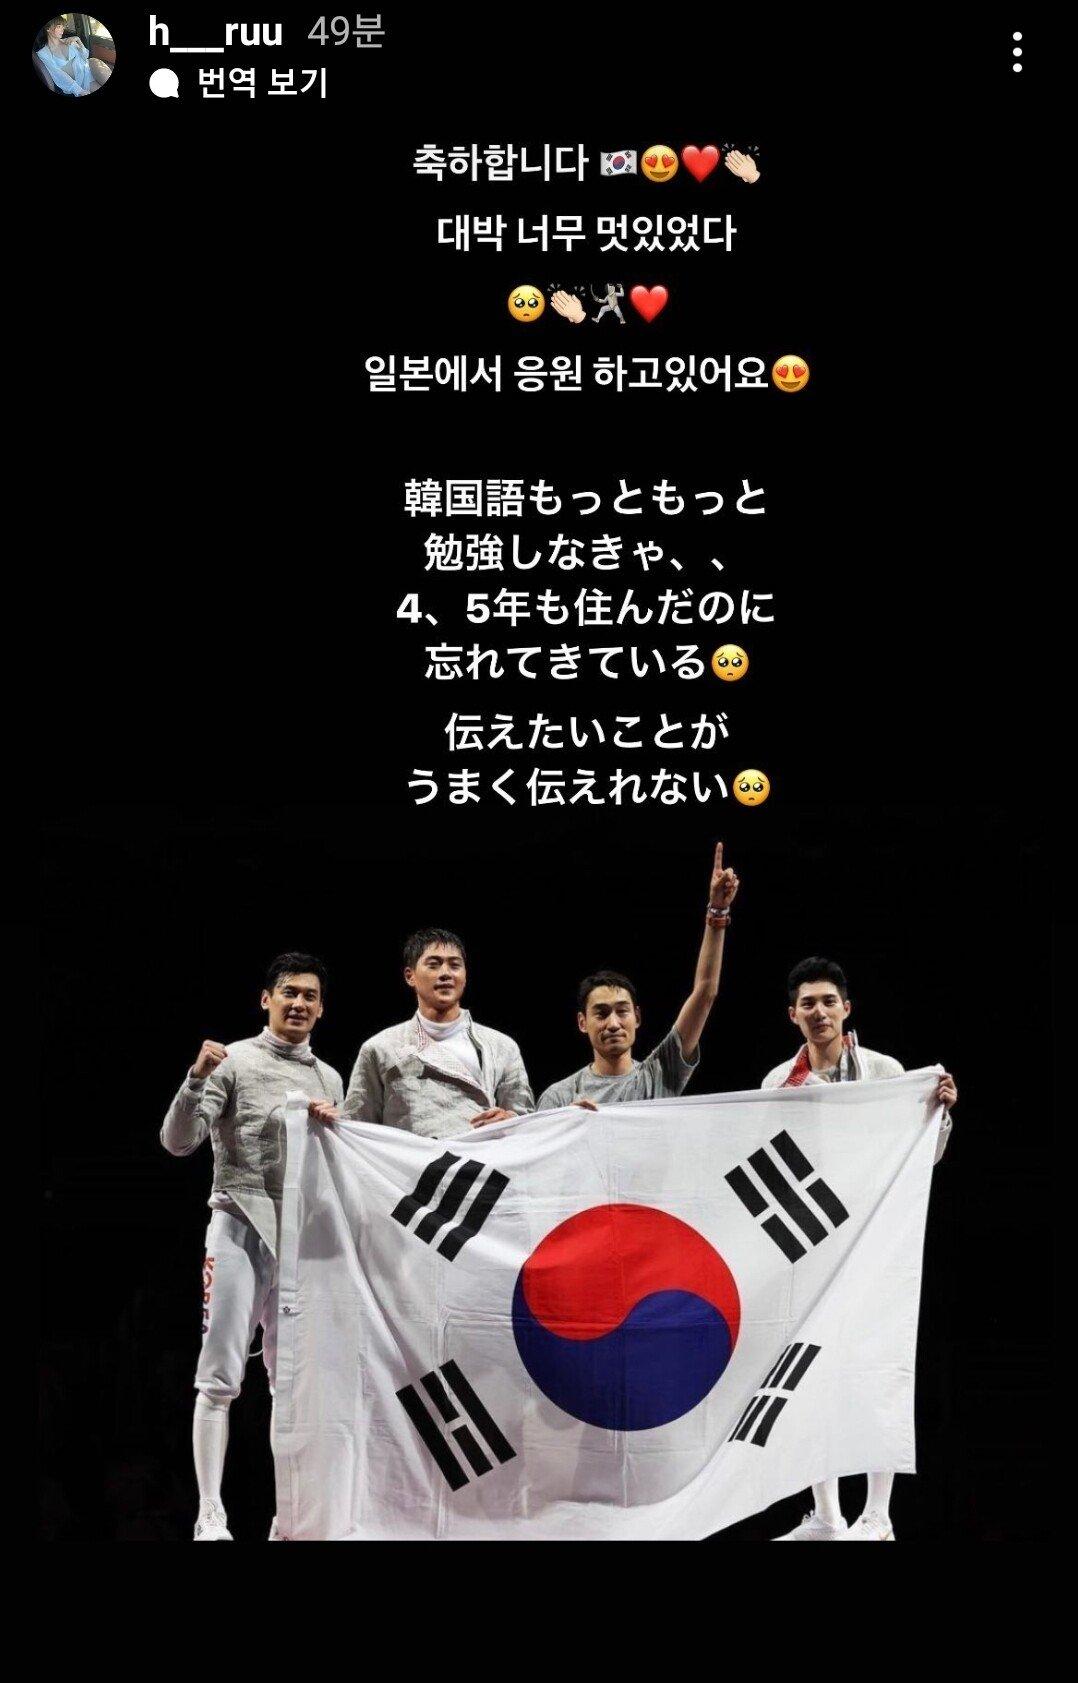 한국을 응원하는 '누나나죽어' 누나 - 꾸르